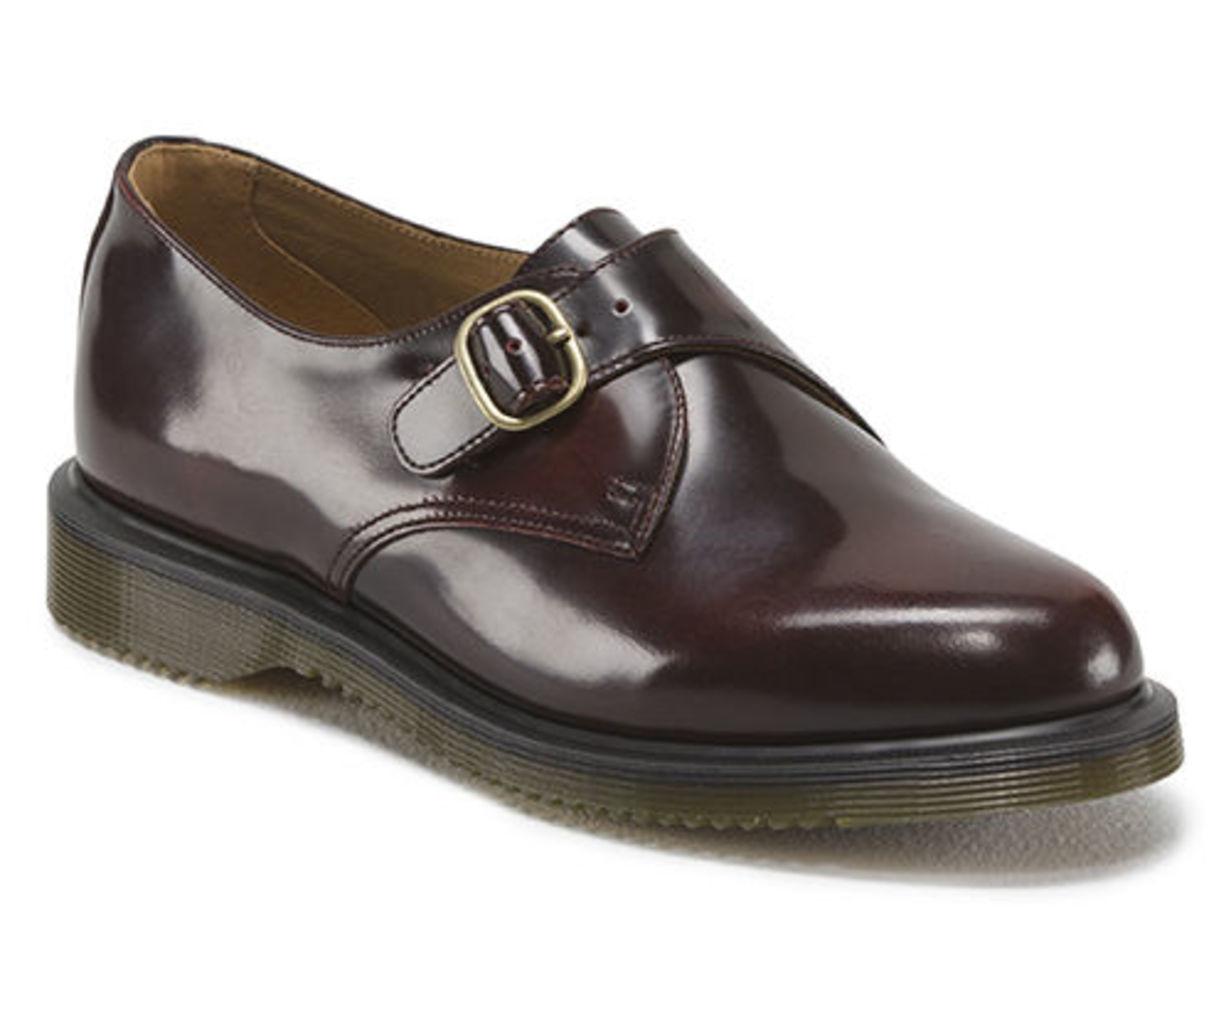 Lorne Shoe